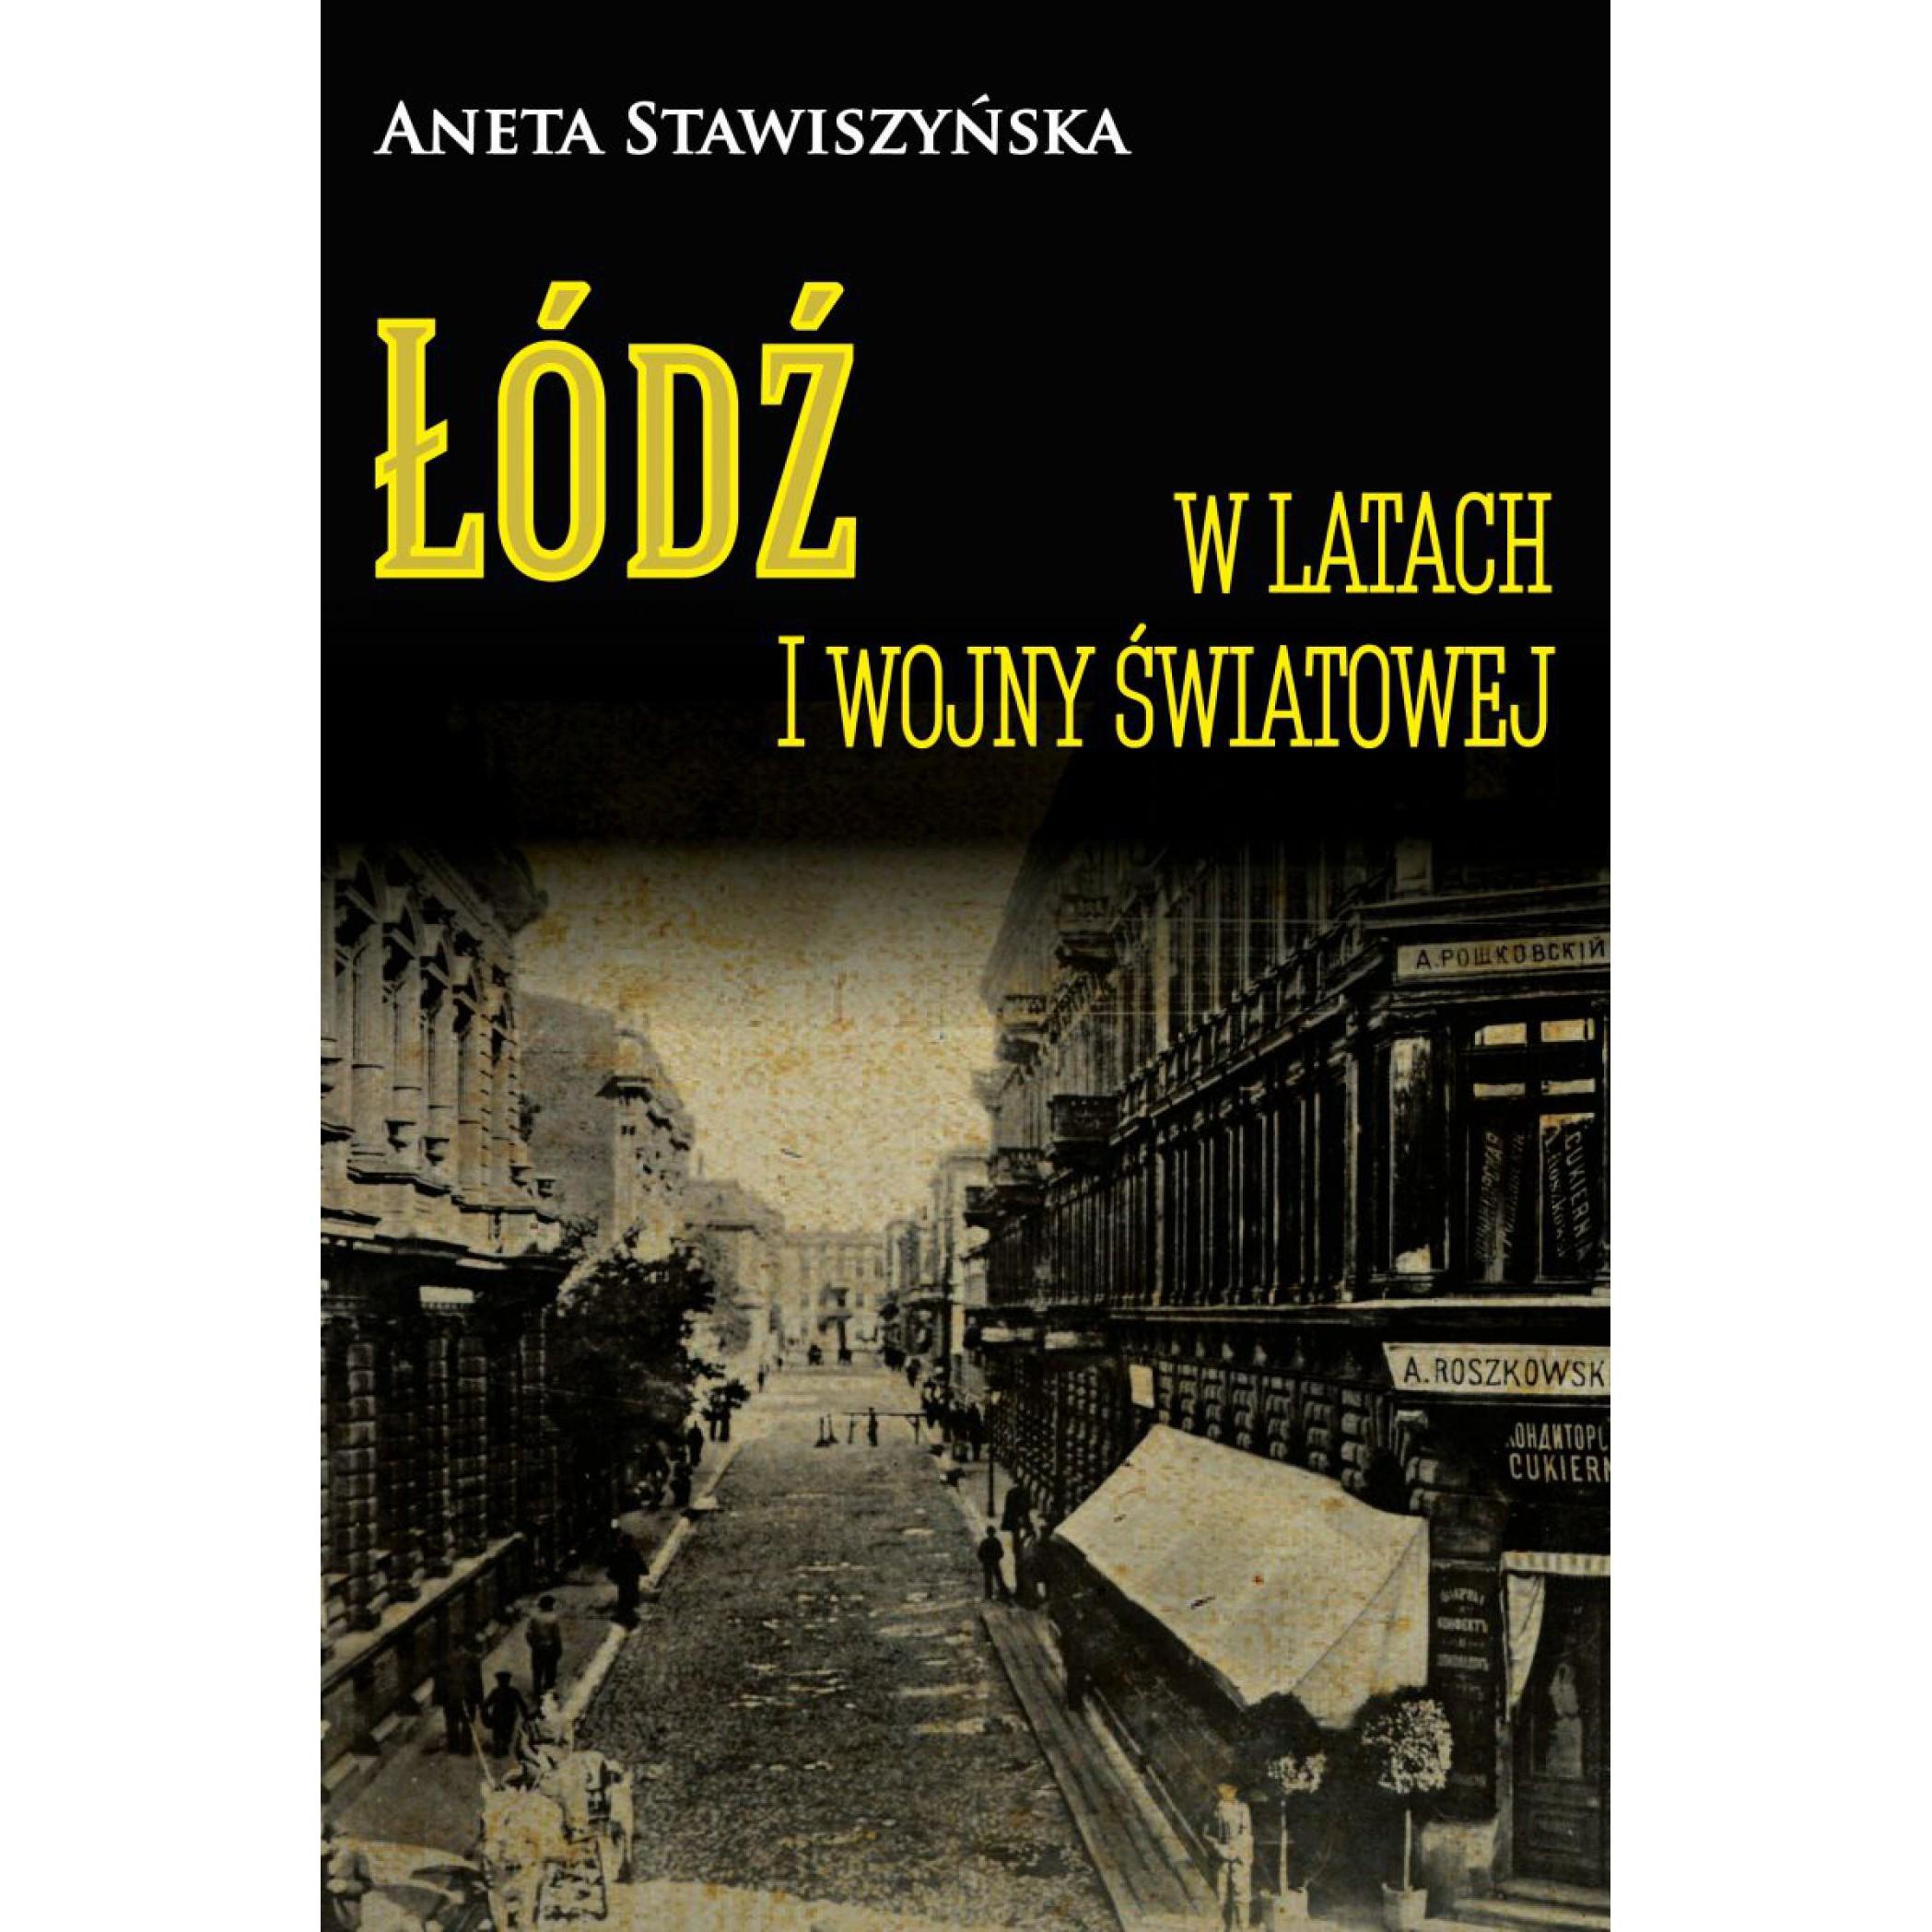 Łódź w latach I wojny światowej - Outlet